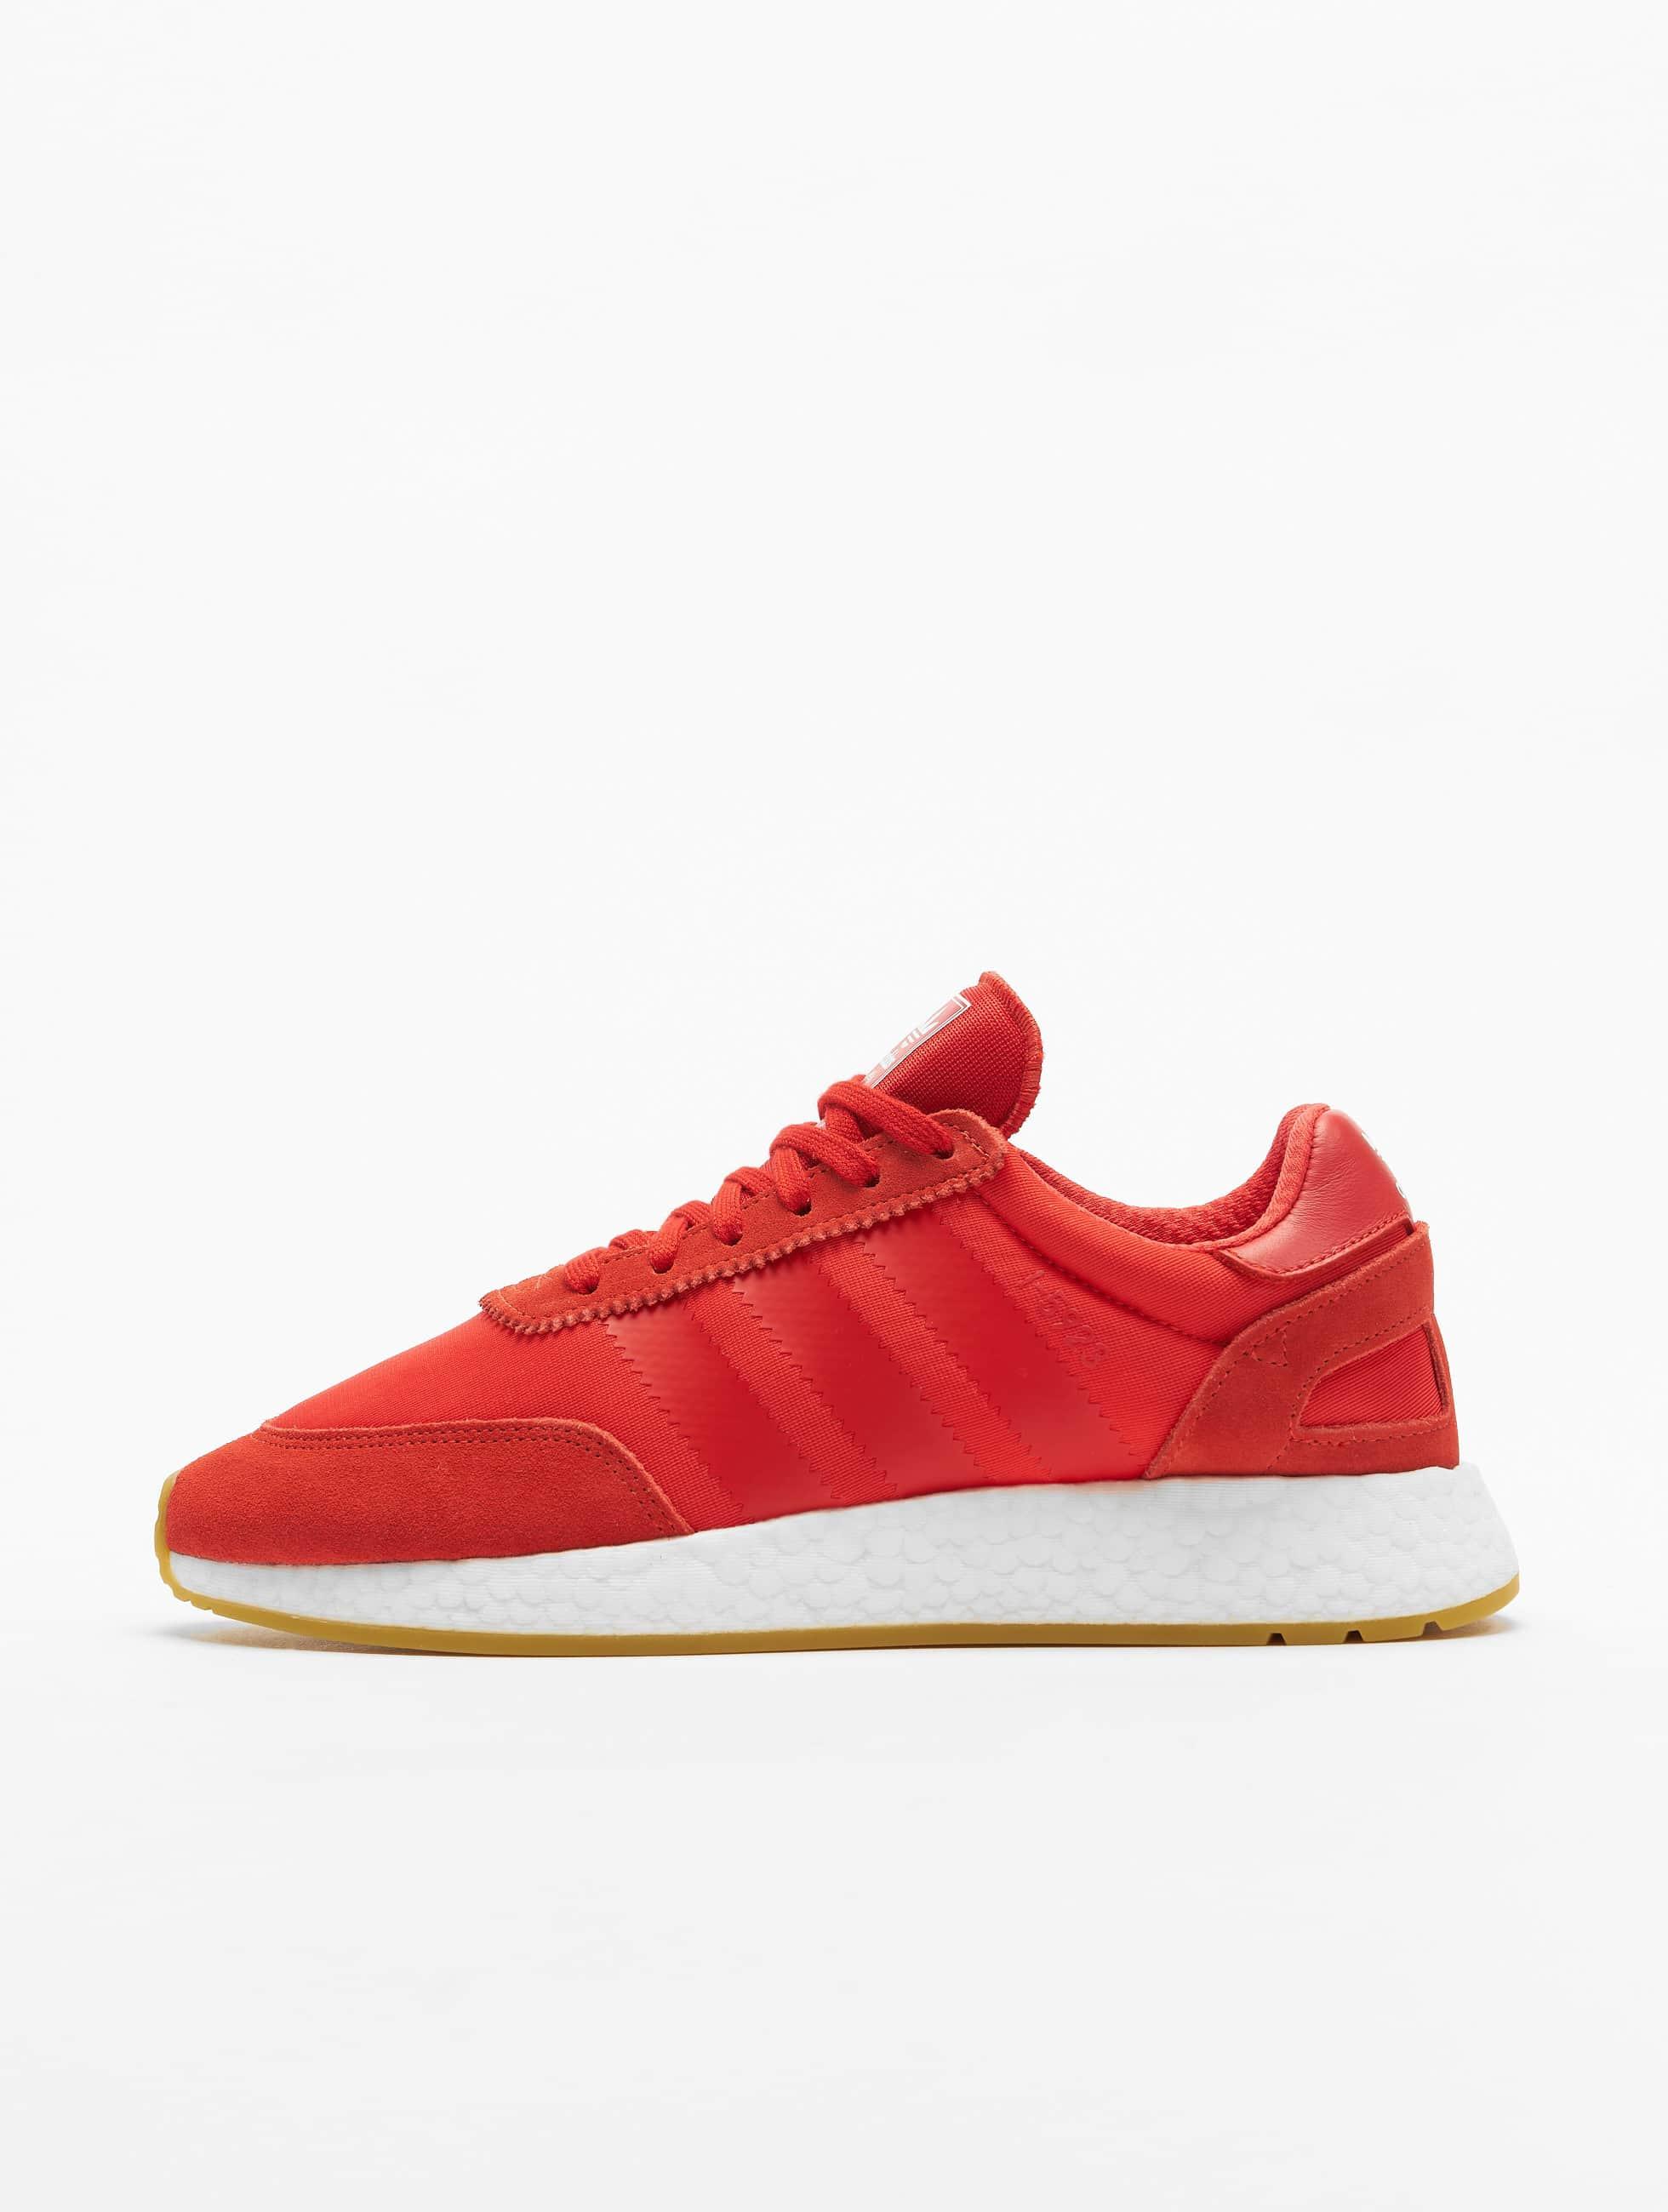 6be35b06b45 adidas originals schoen / sneaker I-5923 in rood 575101